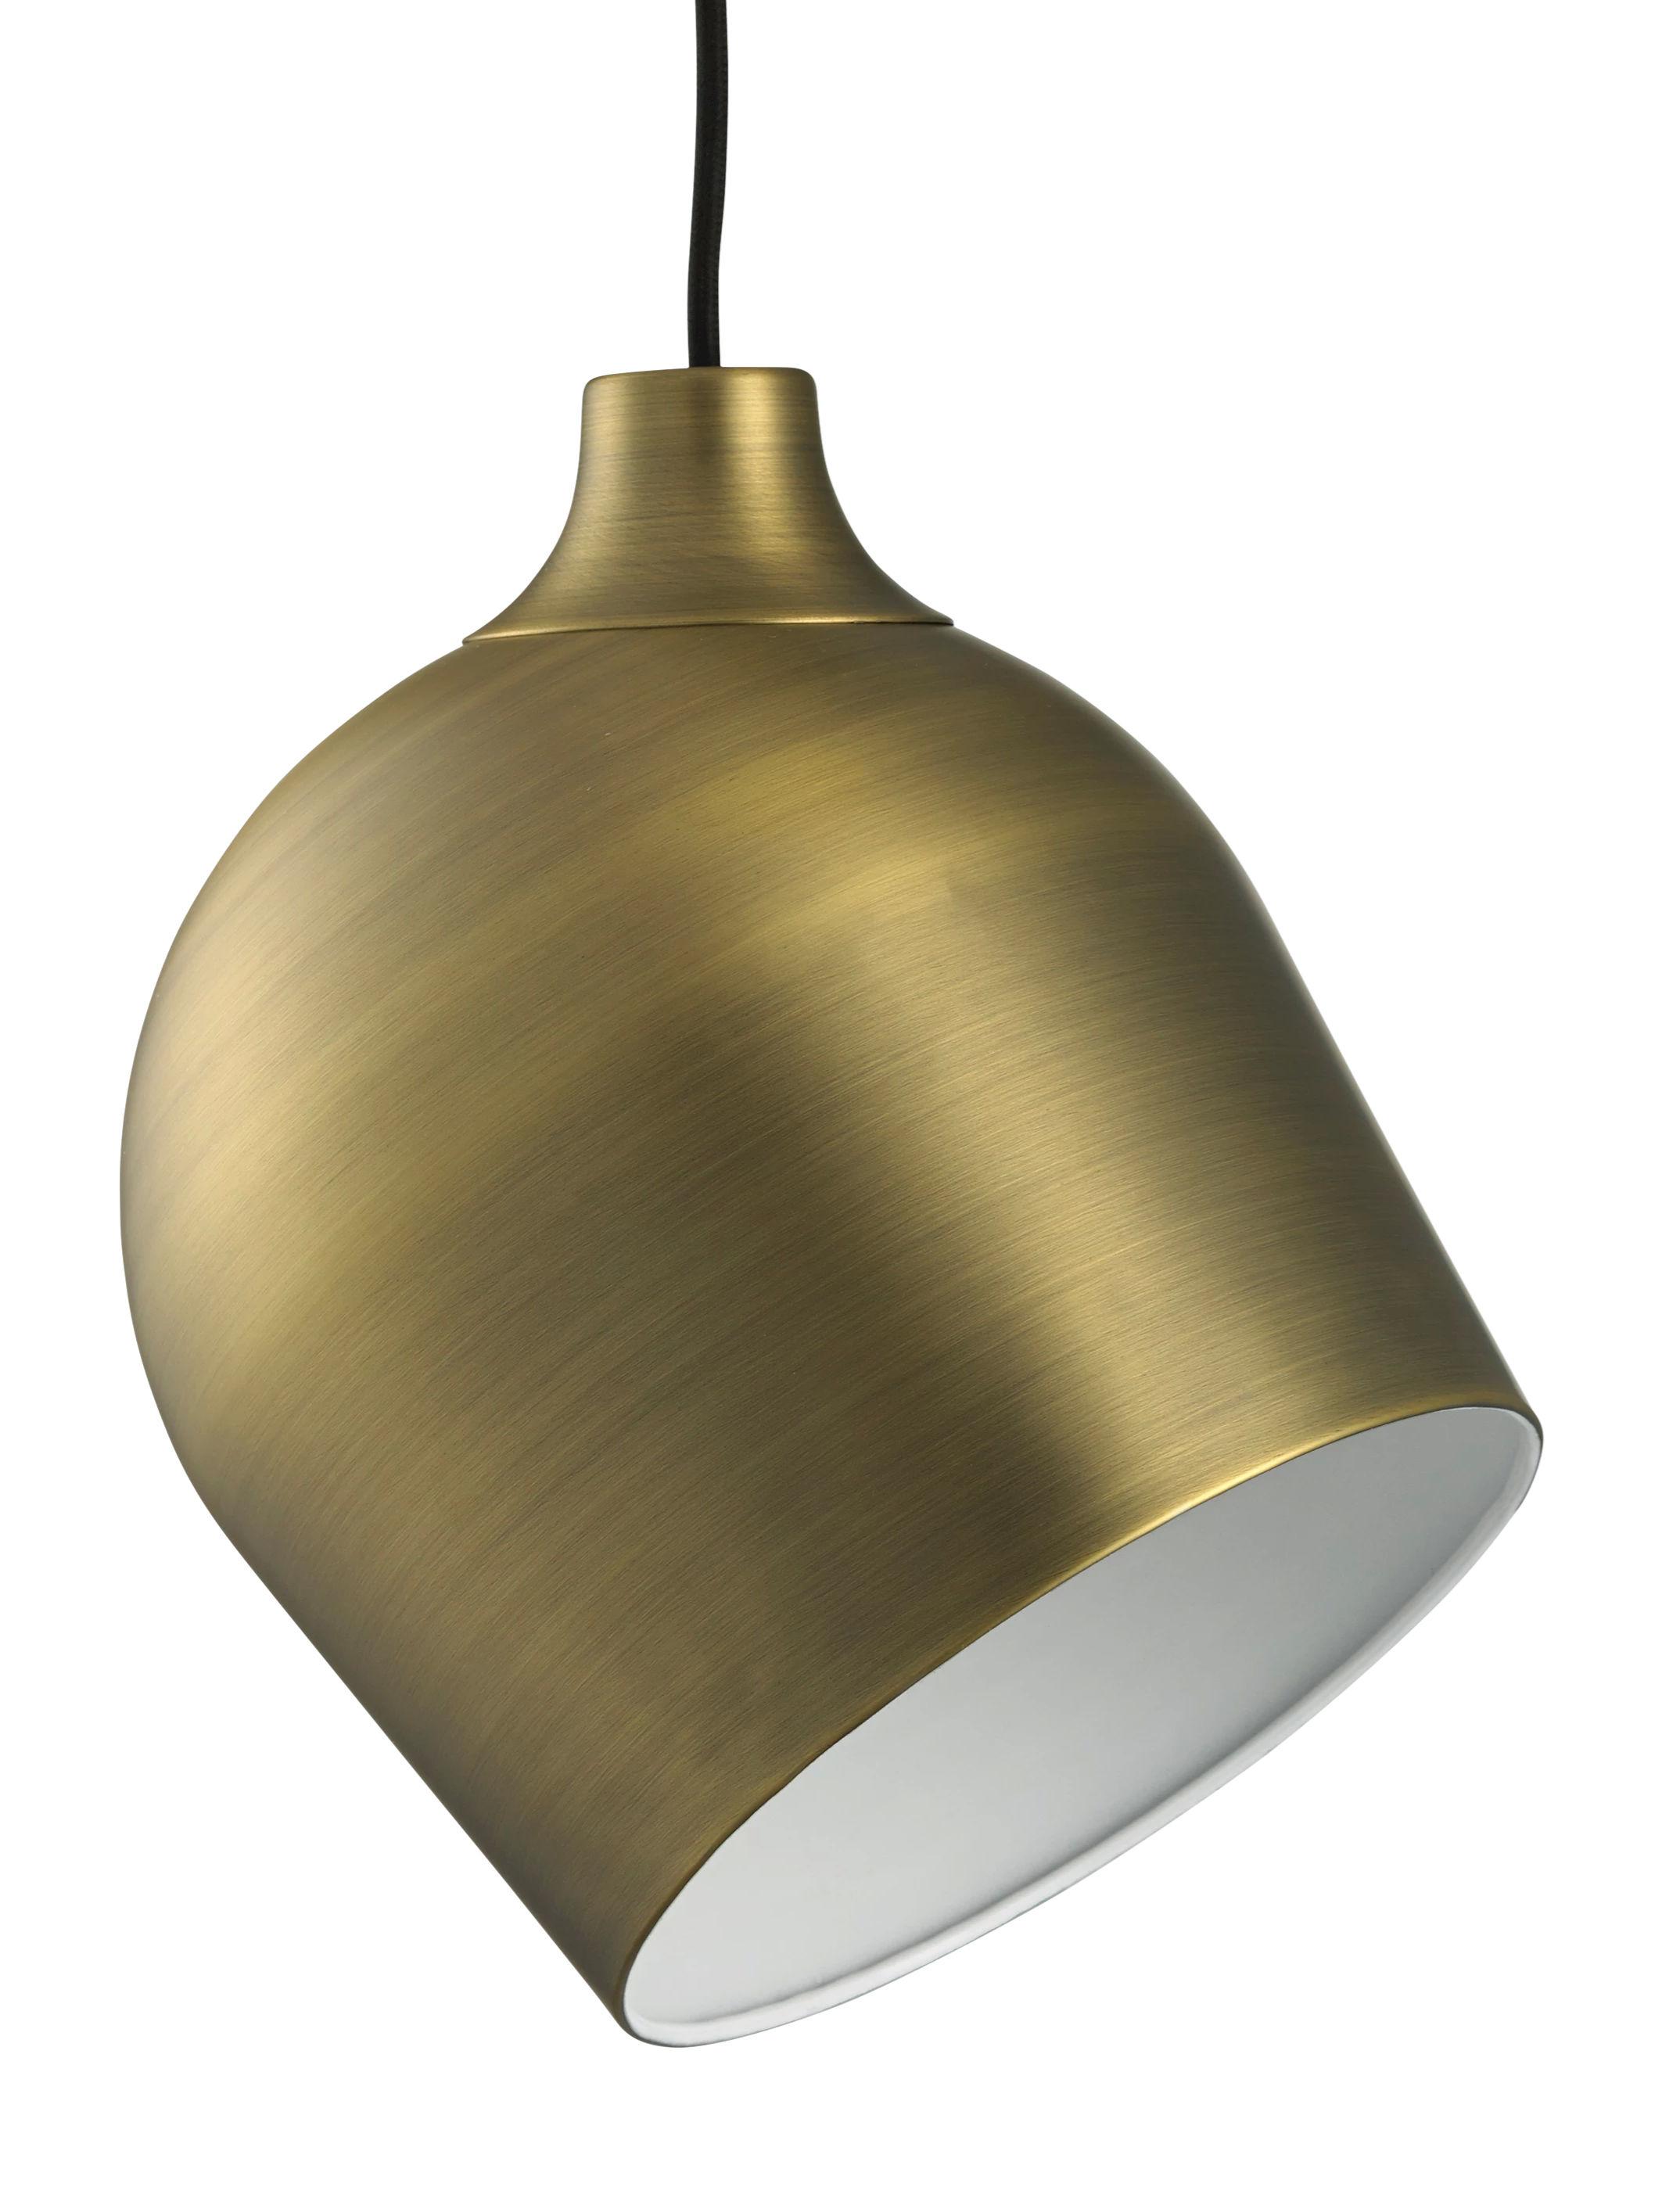 Luminaire - Suspensions - Suspension Rotate / Ø 21 cm - Laiton brossé - Bolia - Laiton - Acier